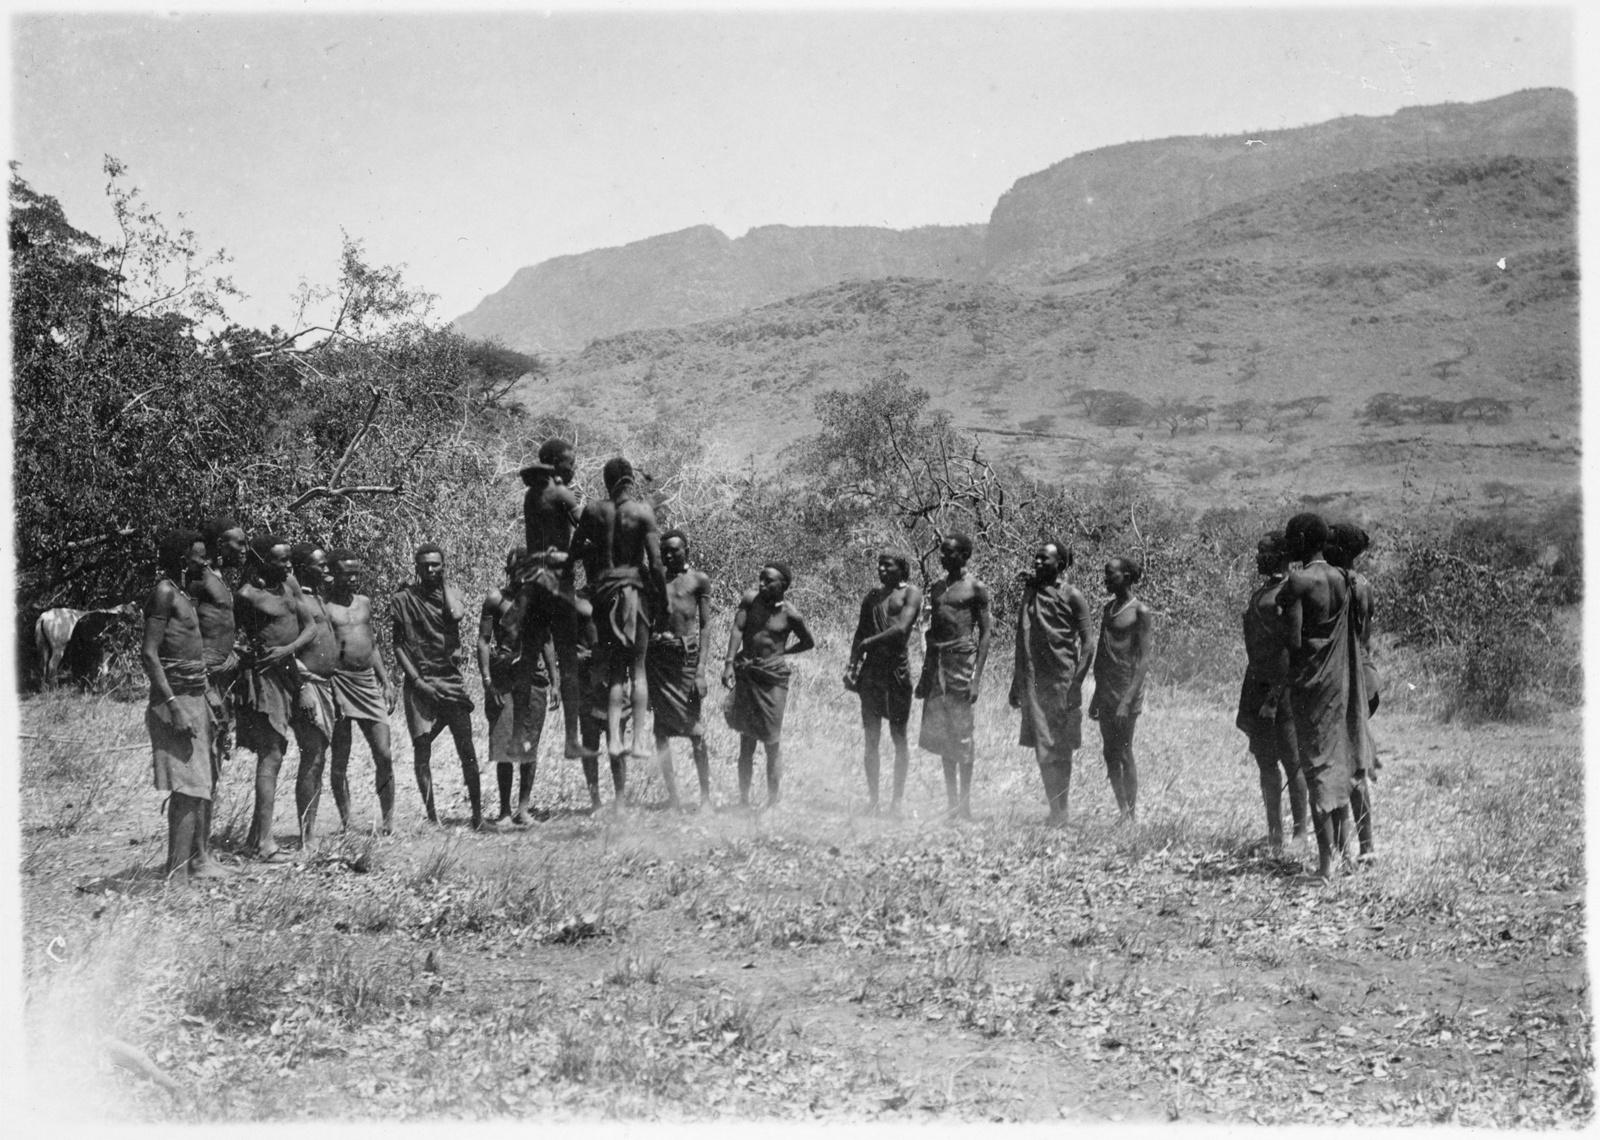 08. Группа людей басонжо во время танца у лагеря Ндалалани. Танцоры прыгают на два фута высотой, вытянув тела